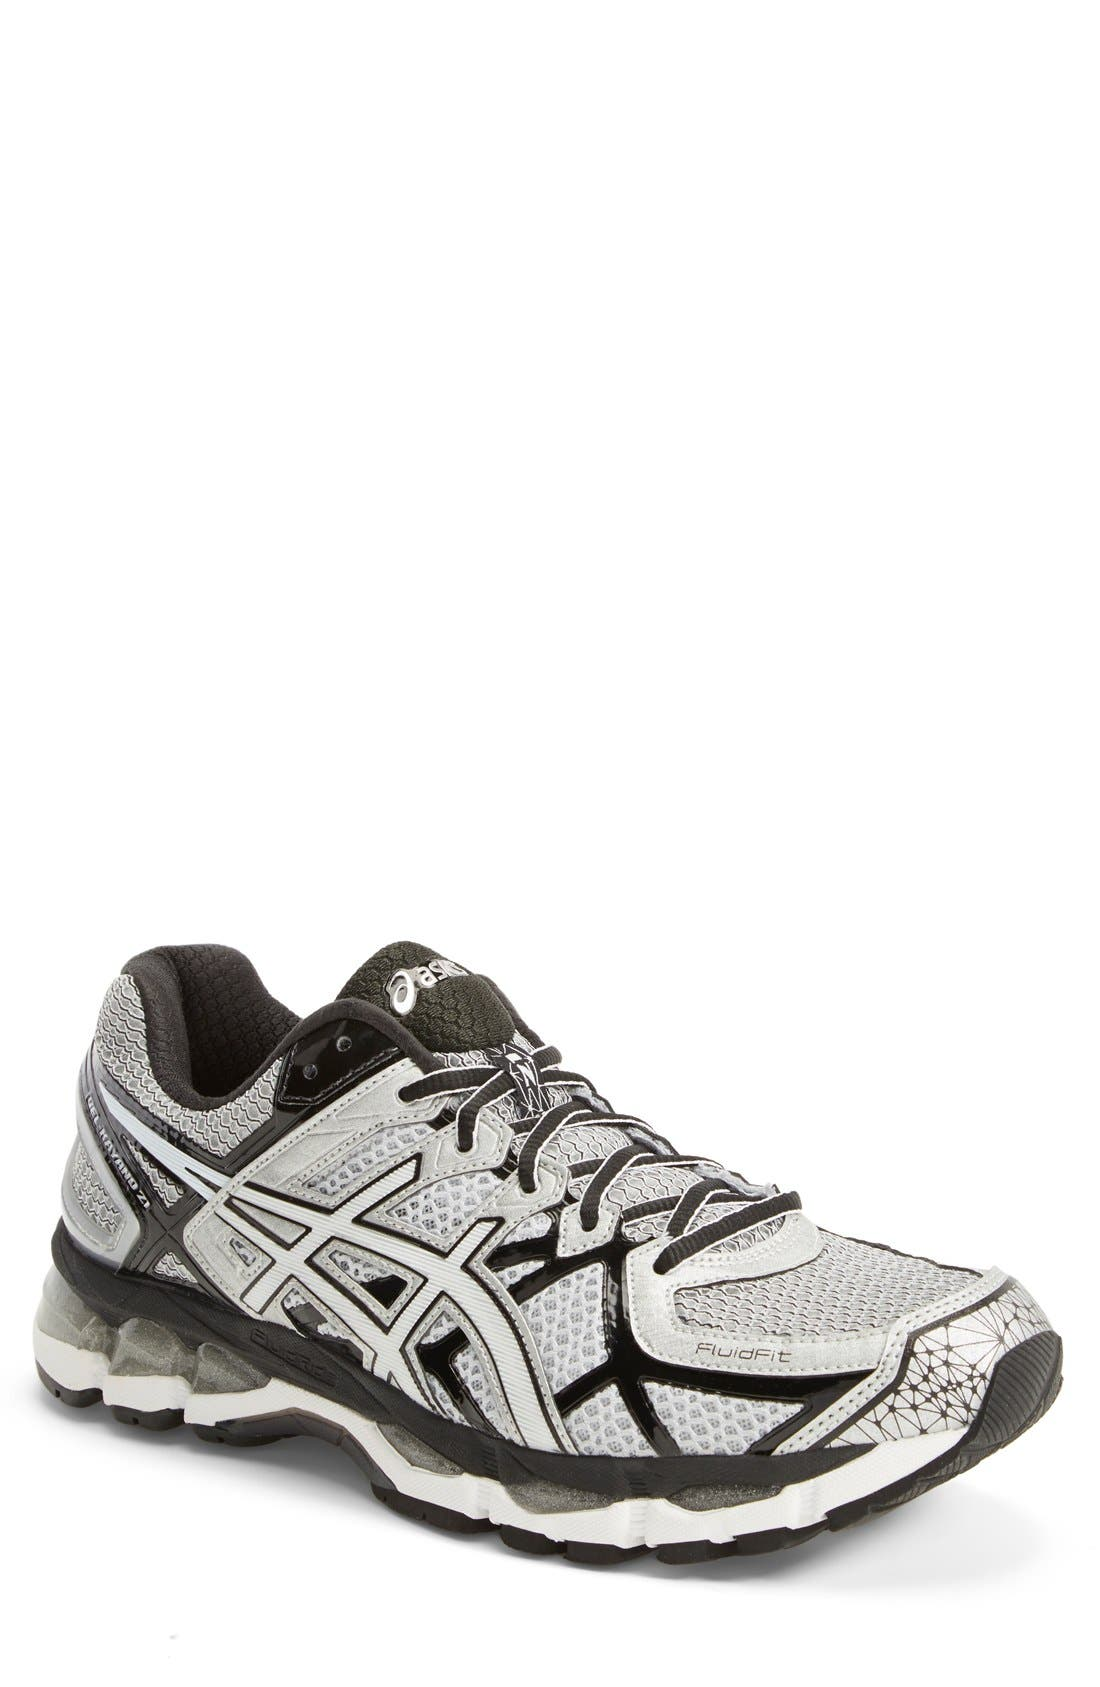 ASICS® Chaussure de de course Kayano® GEL Kayano® 21 seulement) (Homme) (En ligne seulement) | c6fb248 - wartrol.website